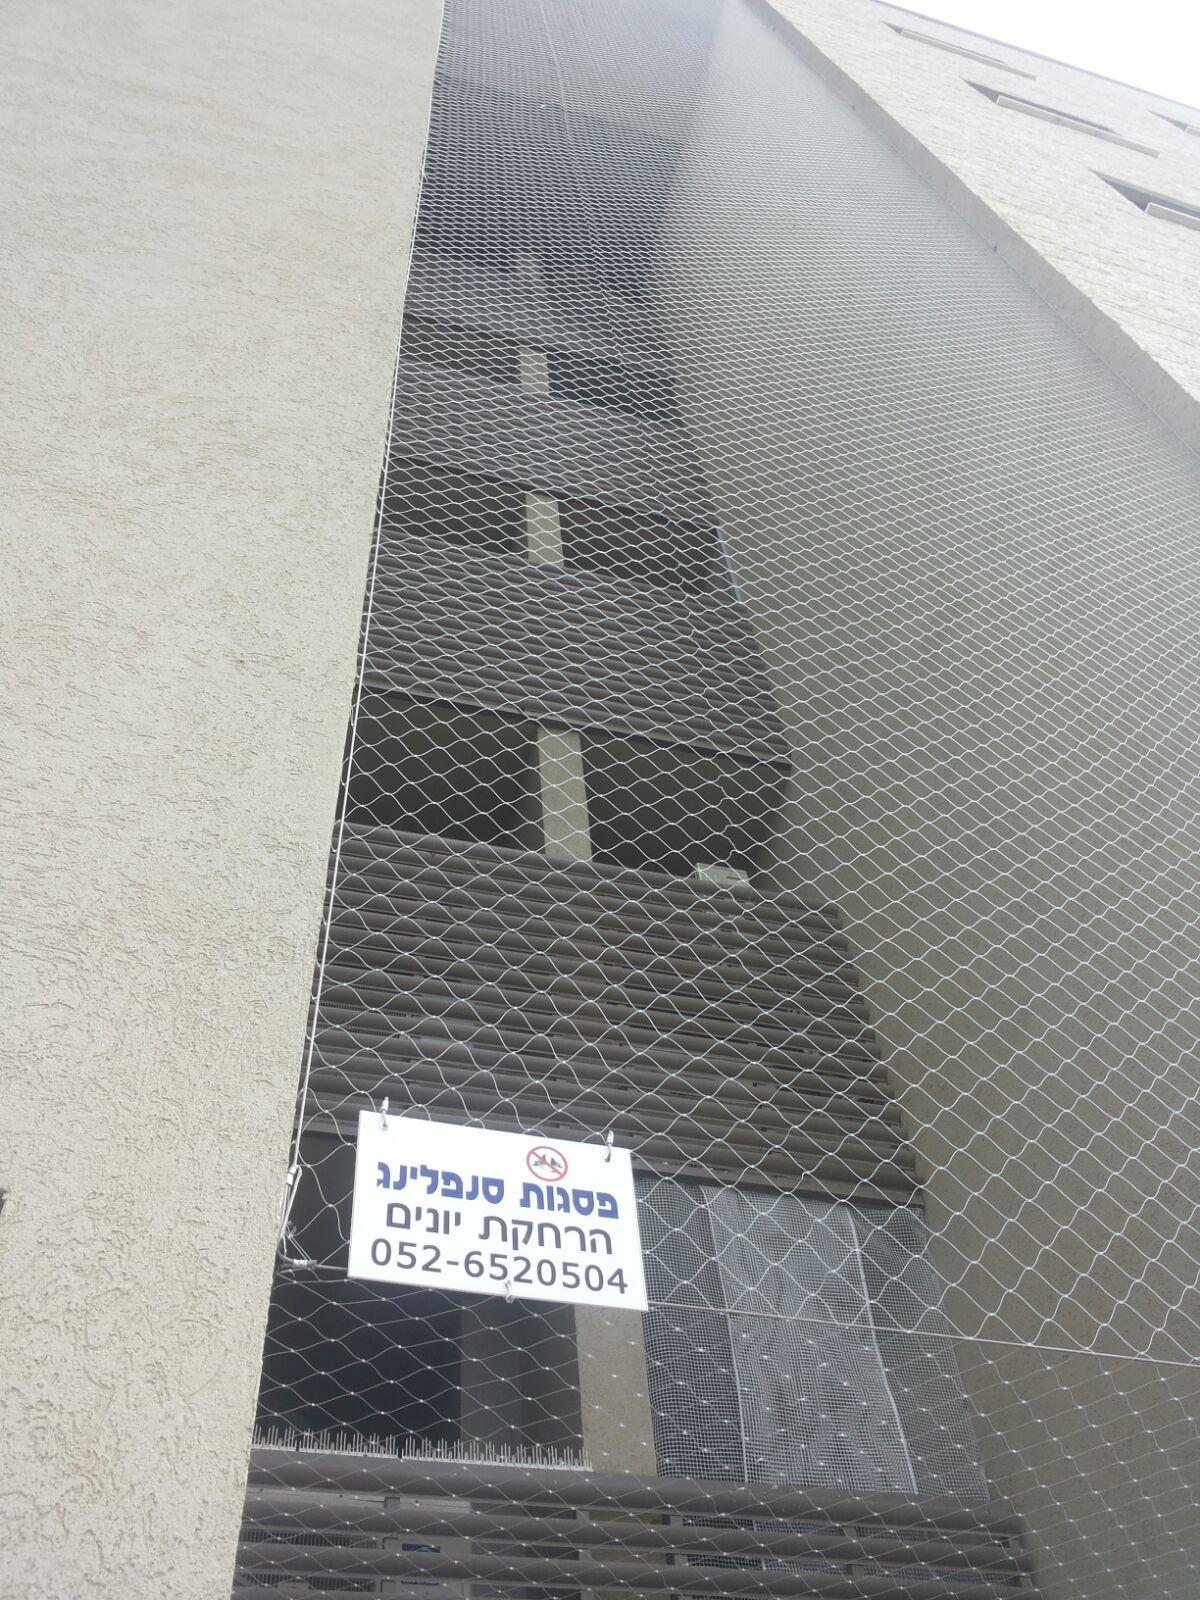 גלריית תמונות של פסגות סנפלינג-עבודות בניין בגבהים